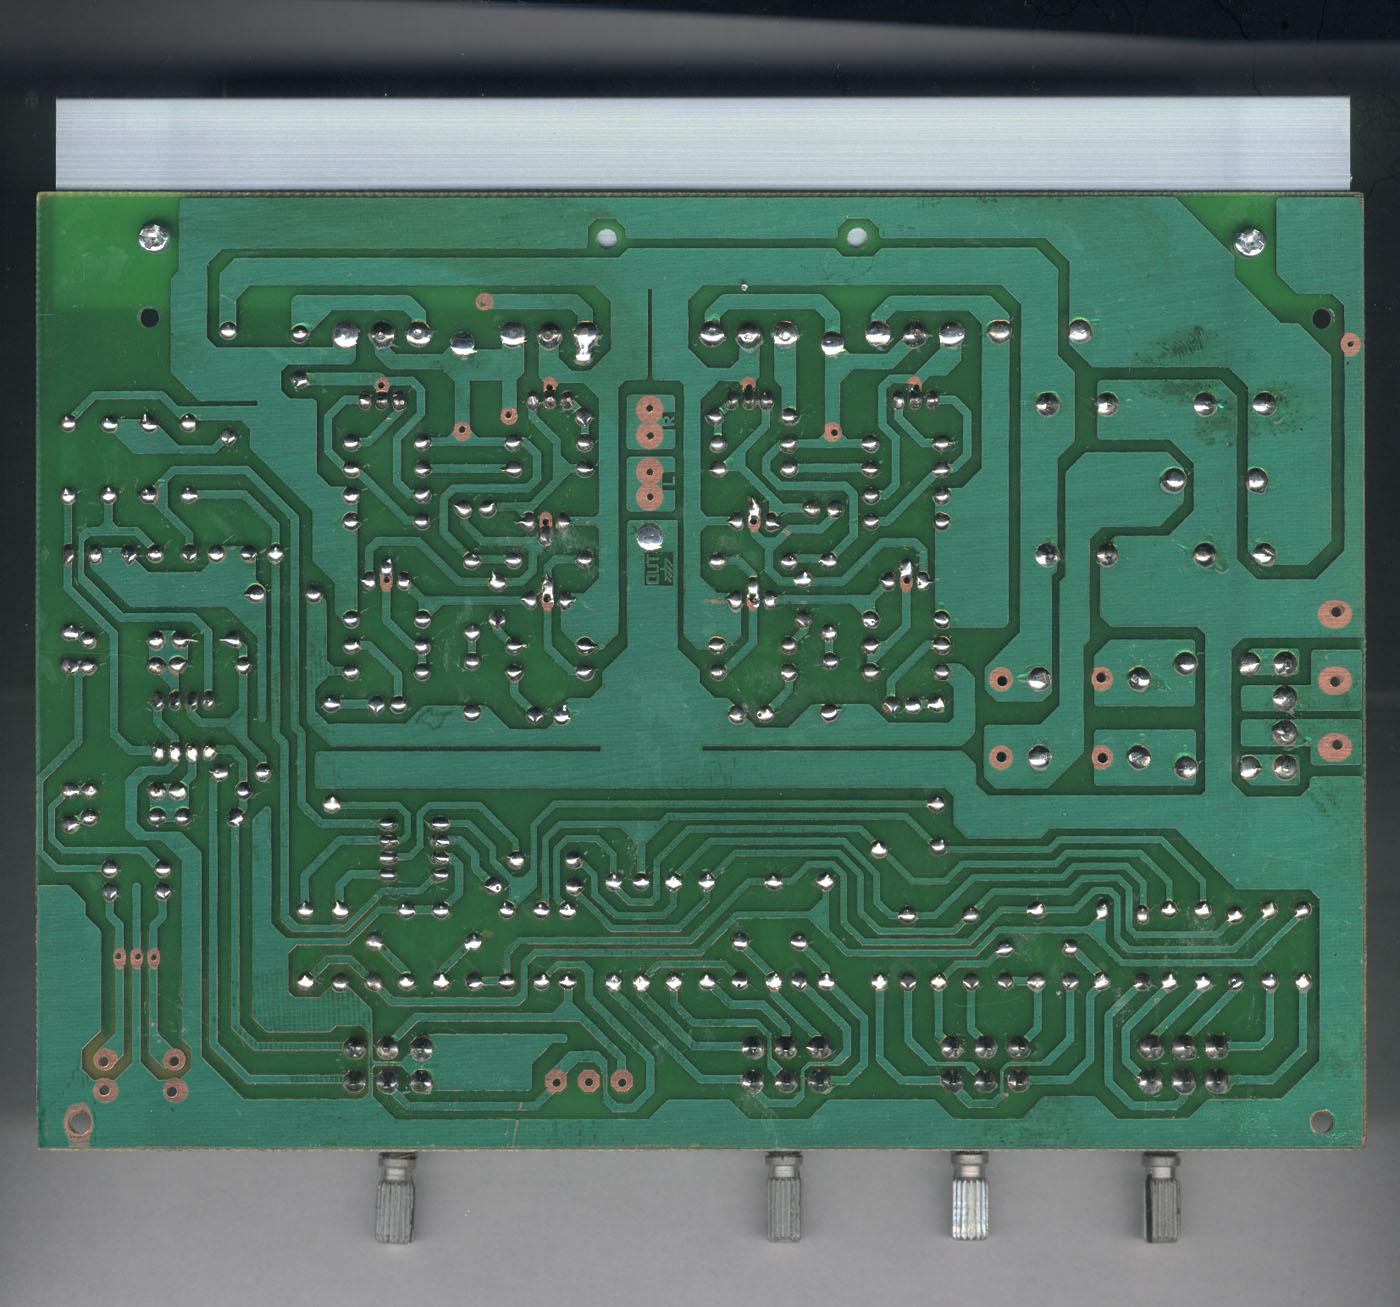 功率电路板大图